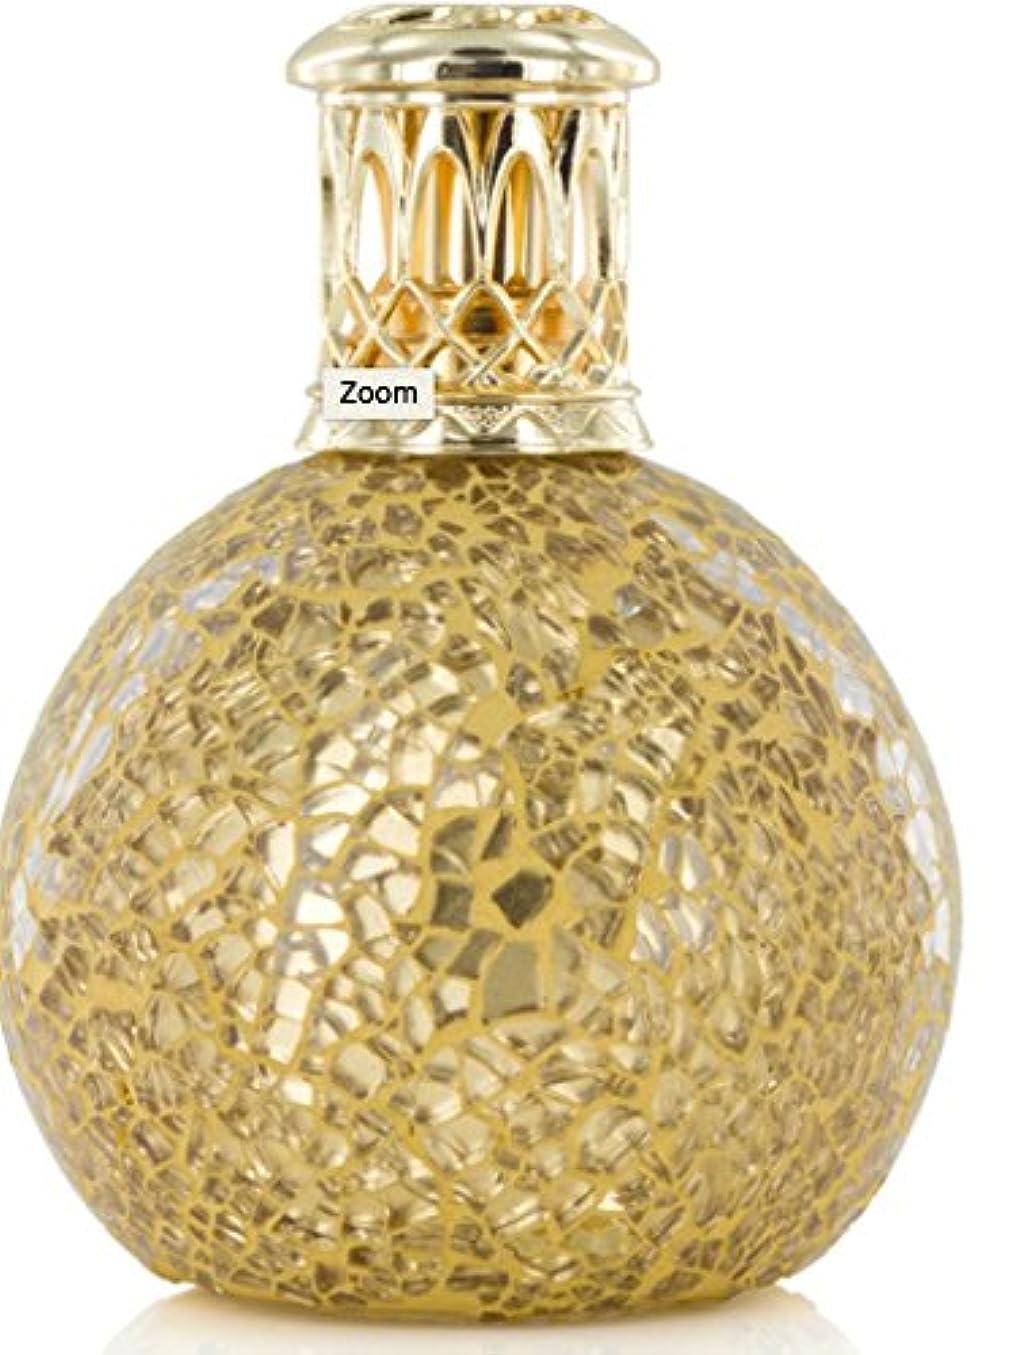 テロ獣割るAshleigh&Burwood フレグランスランプ S ゴールデンオーブ FragranceLamps sizeS GoldenOrb アシュレイ&バーウッド